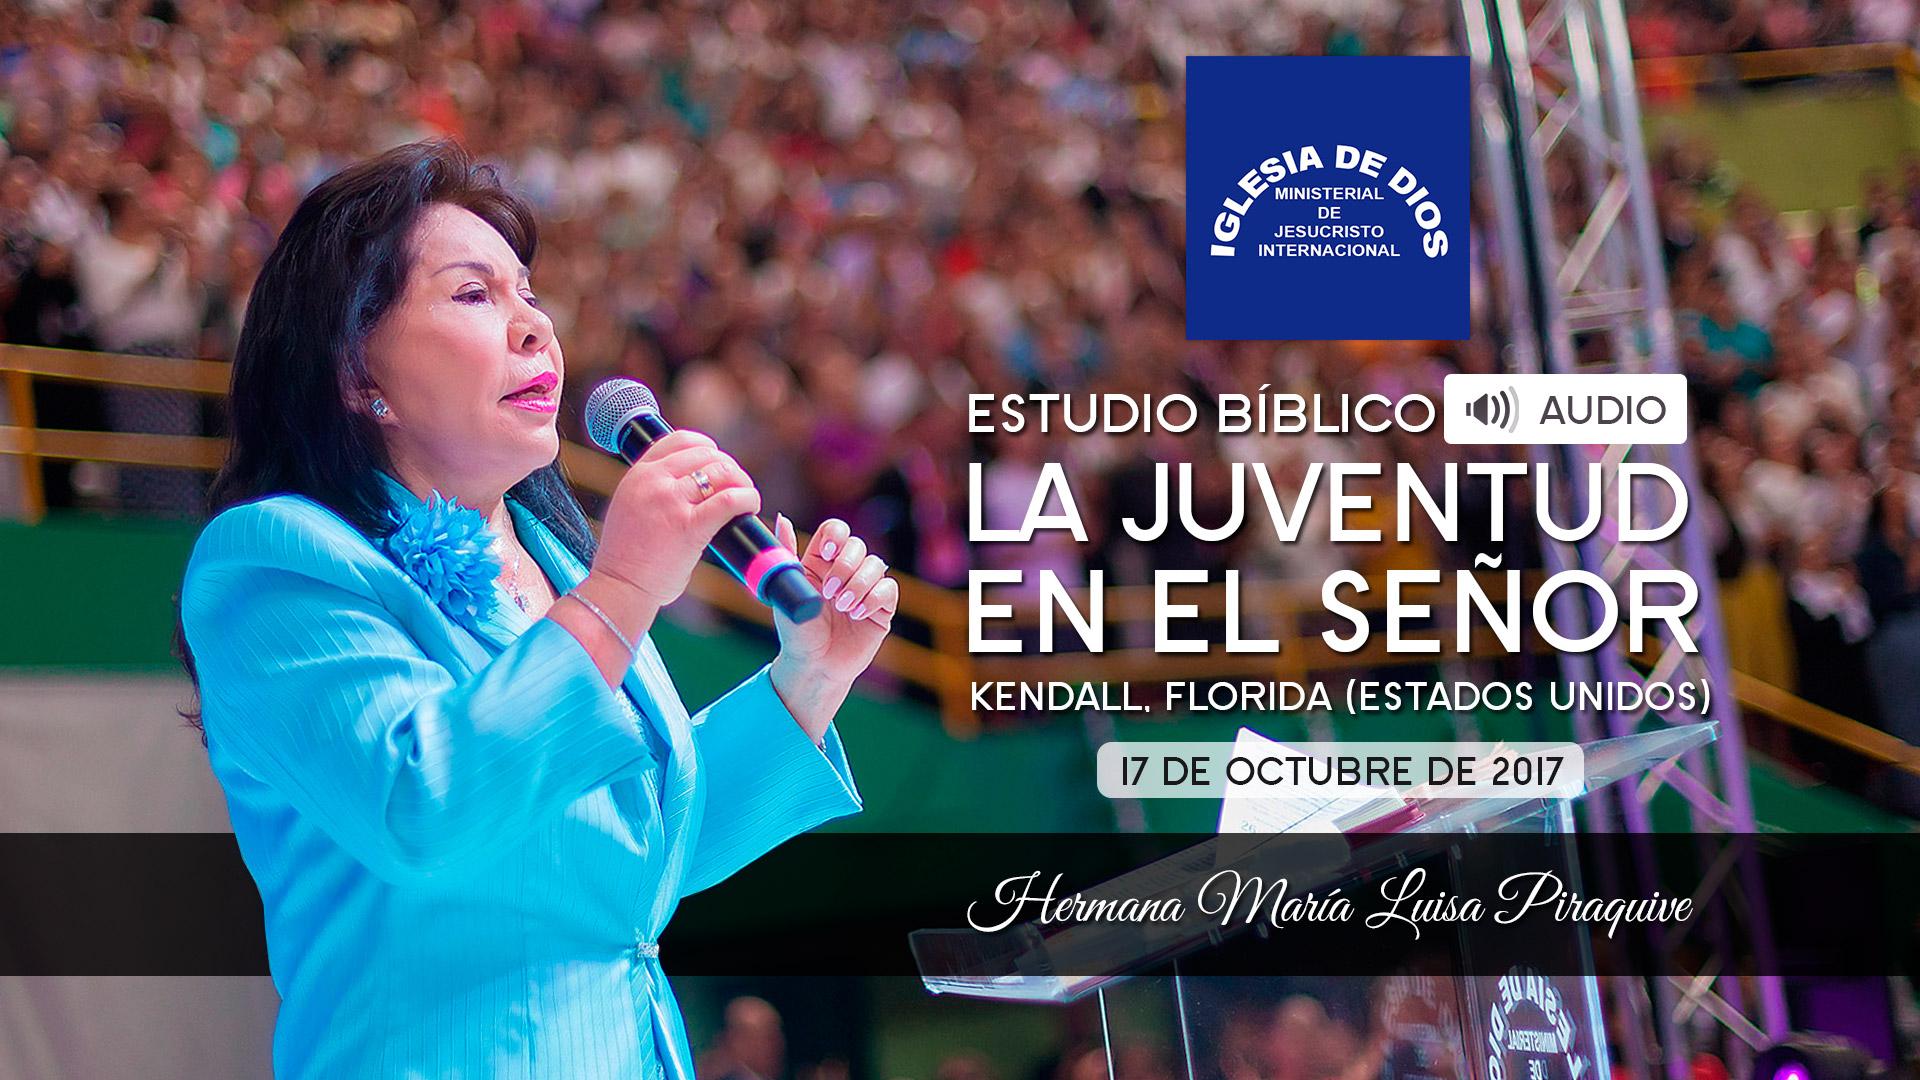 Audio, Estudio Bíblico: La Juventud en el Señor